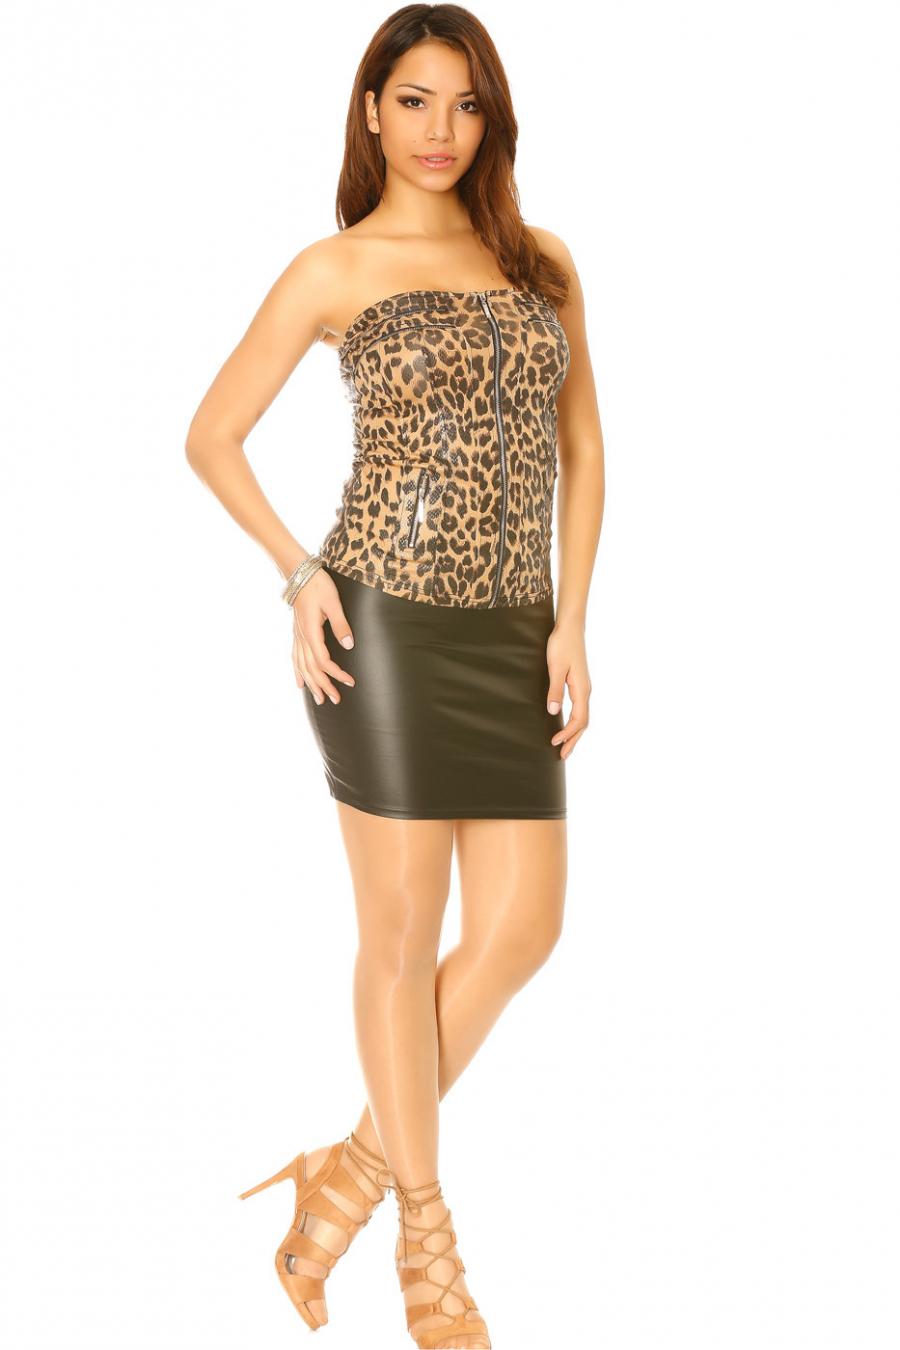 Haut motif Léopard choco avec fermeture devant. Mode femme sexy 28511